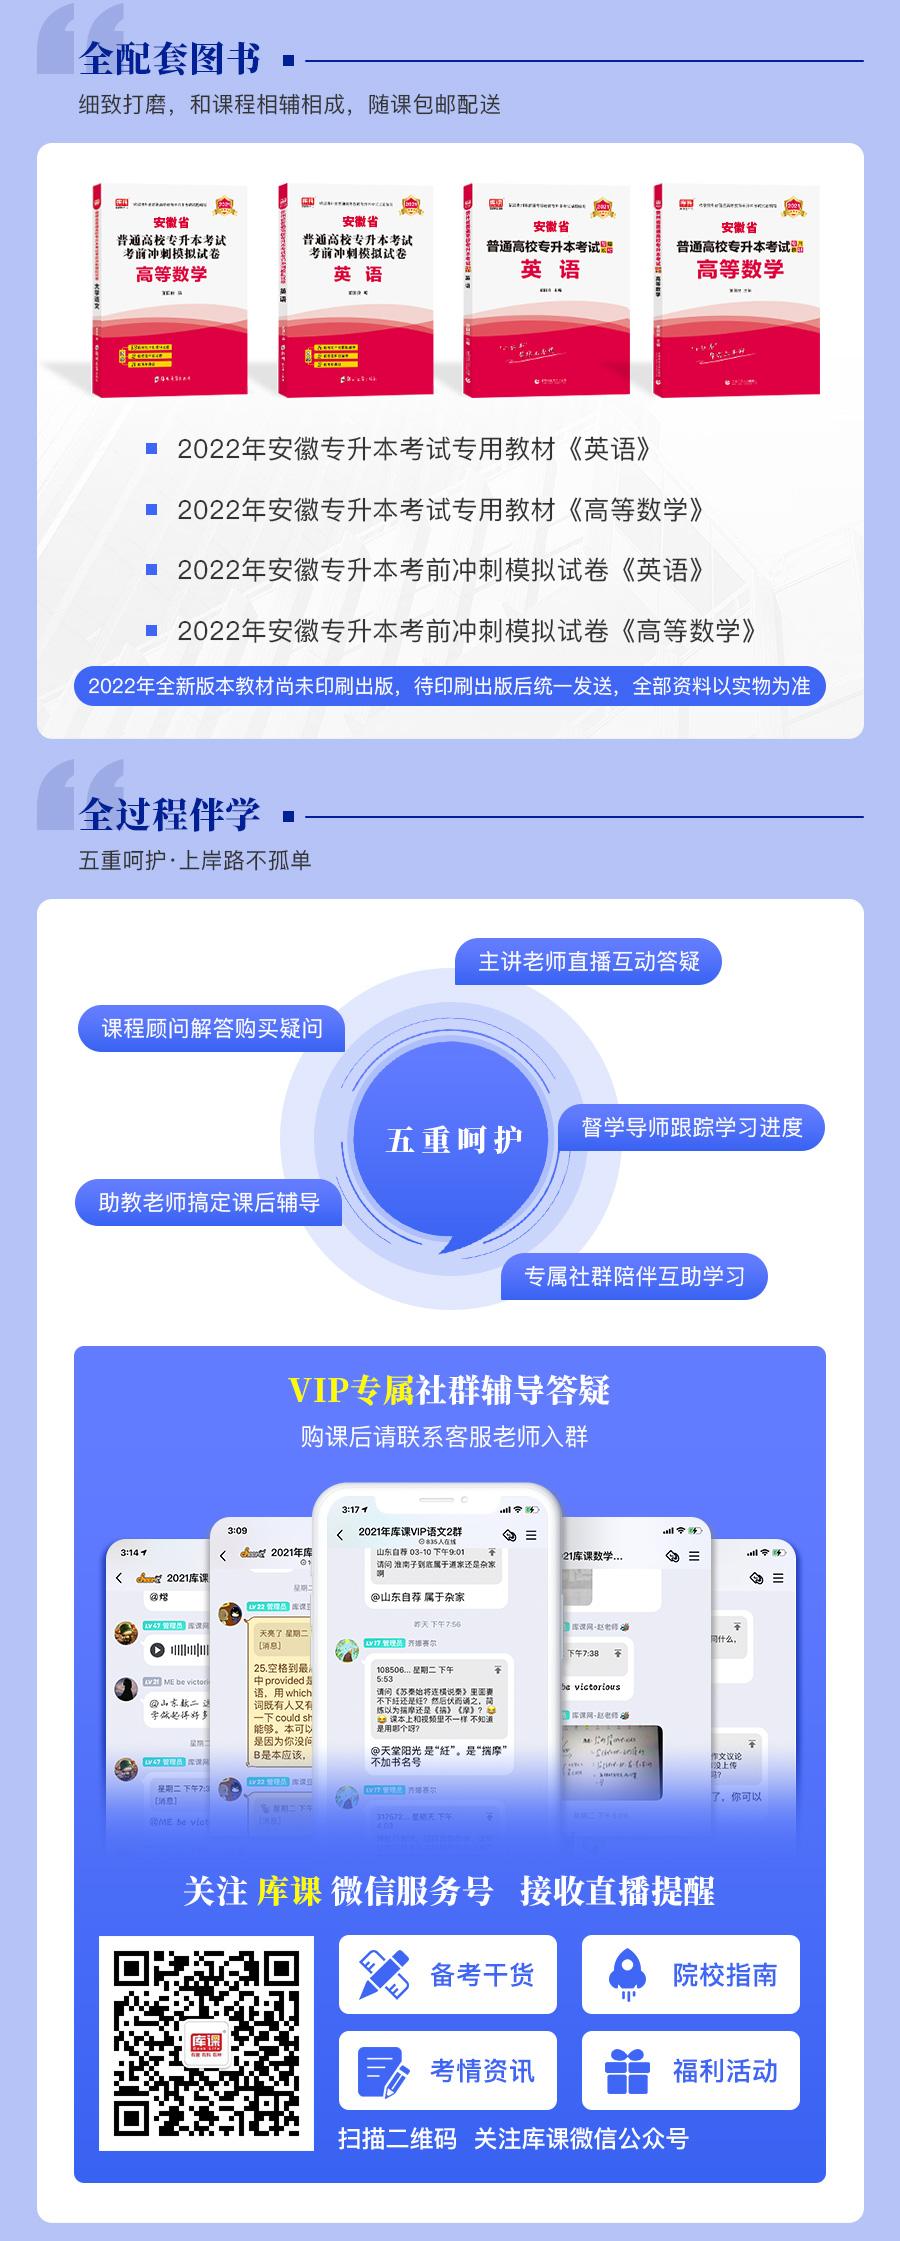 安徽-vip-英语+高数_05.jpg